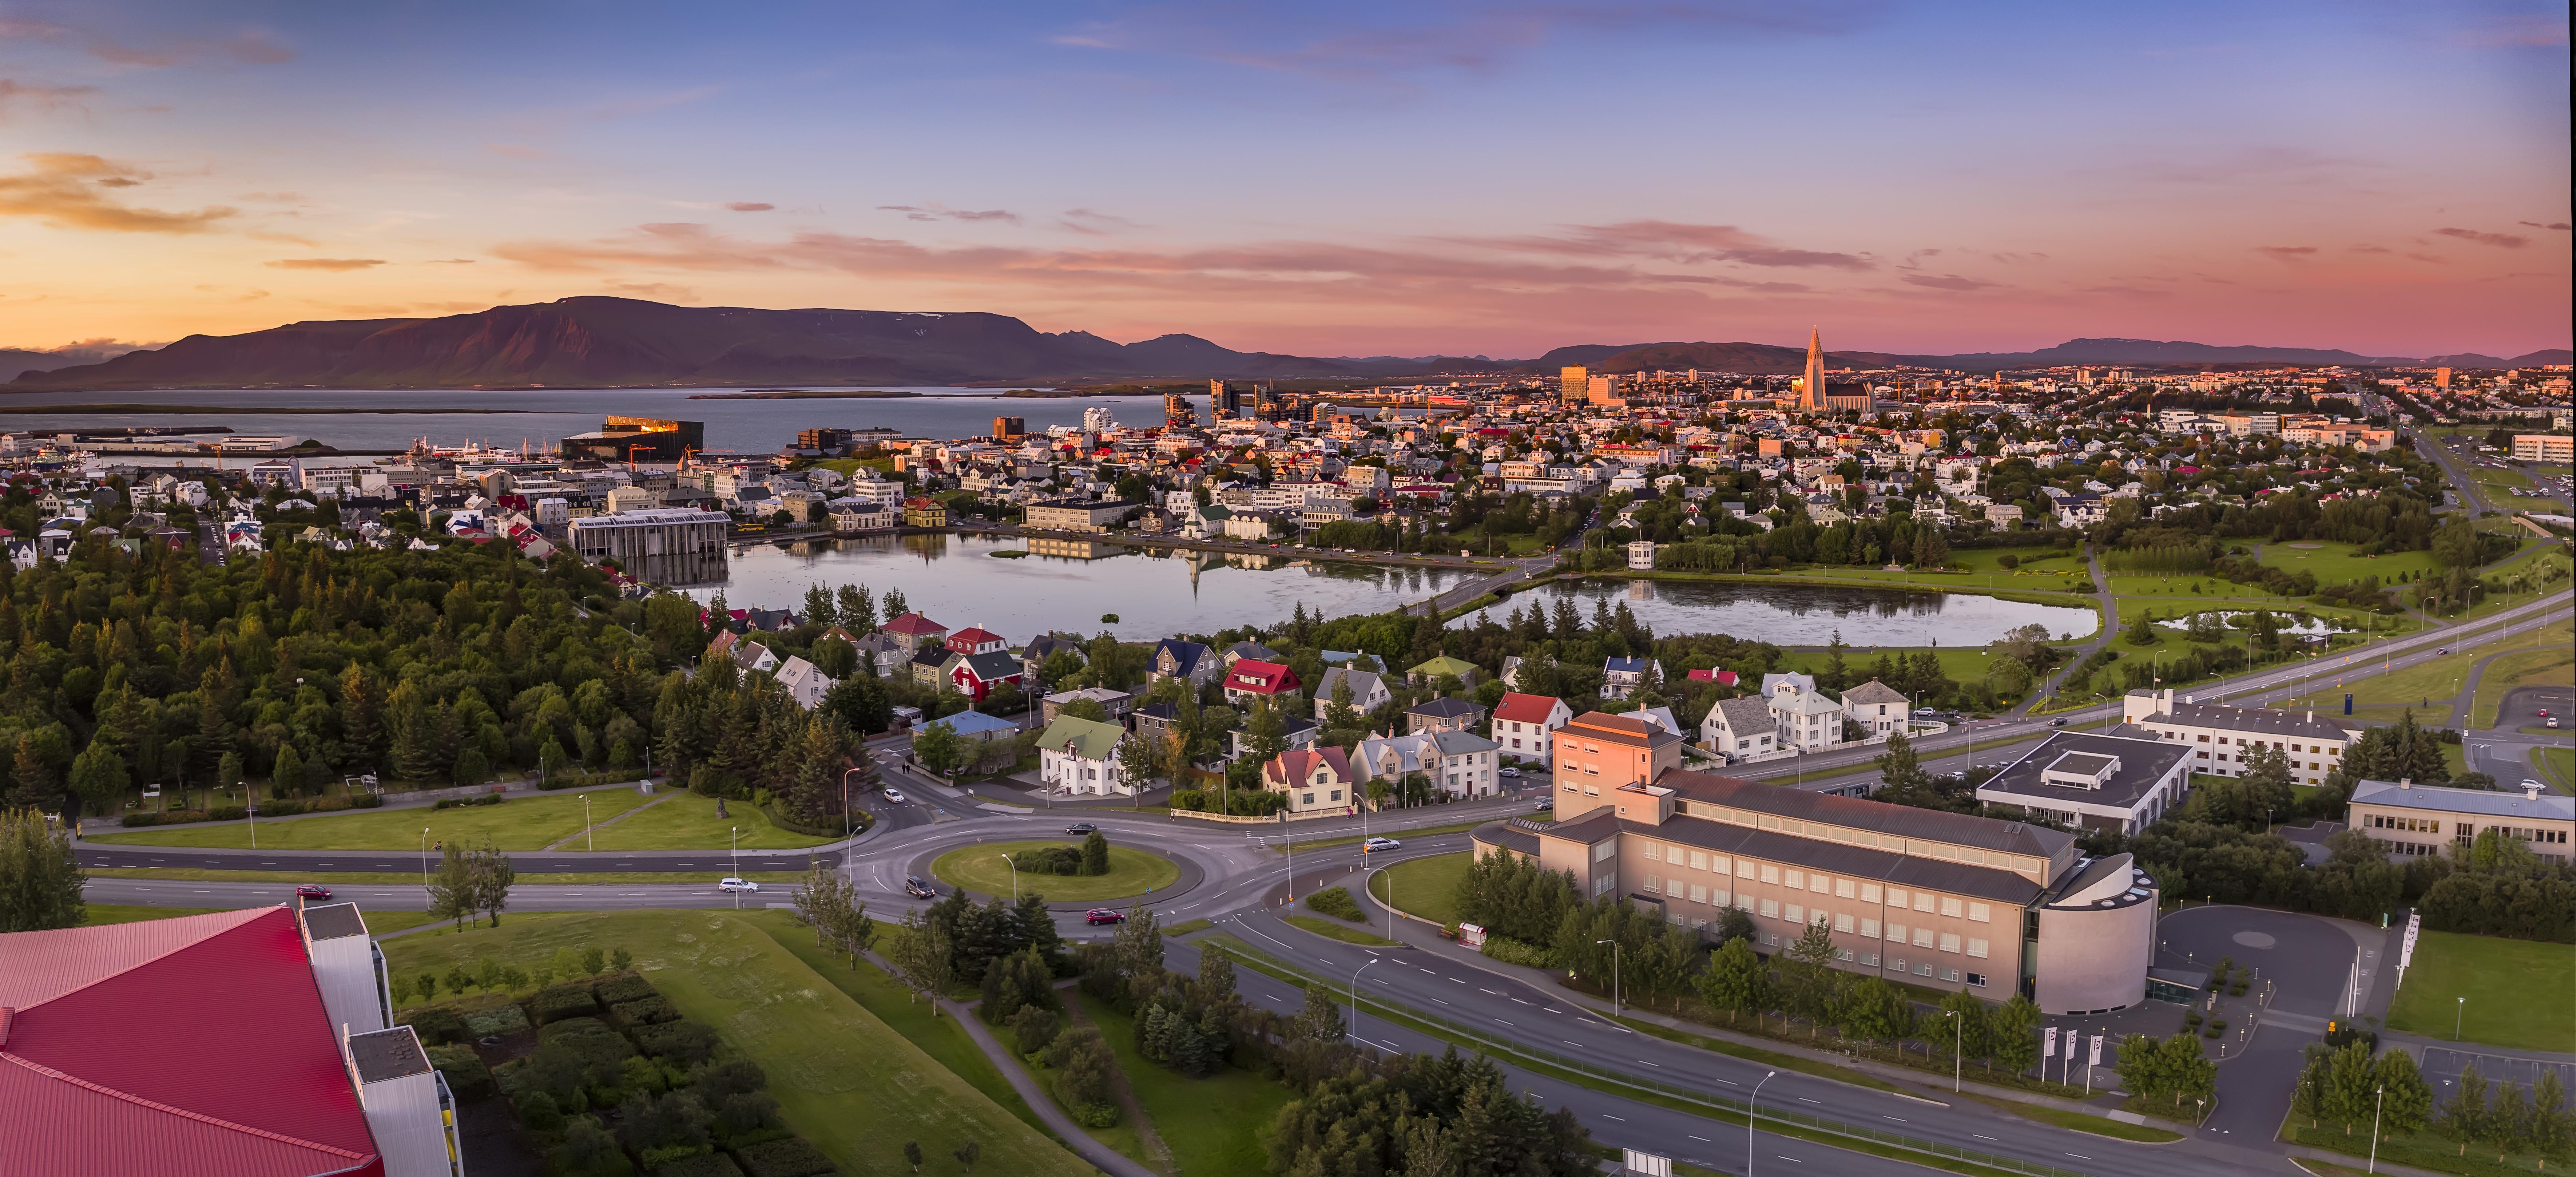 购买雷克雅未克城市卡,自由探访世界最北首都的无穷乐趣